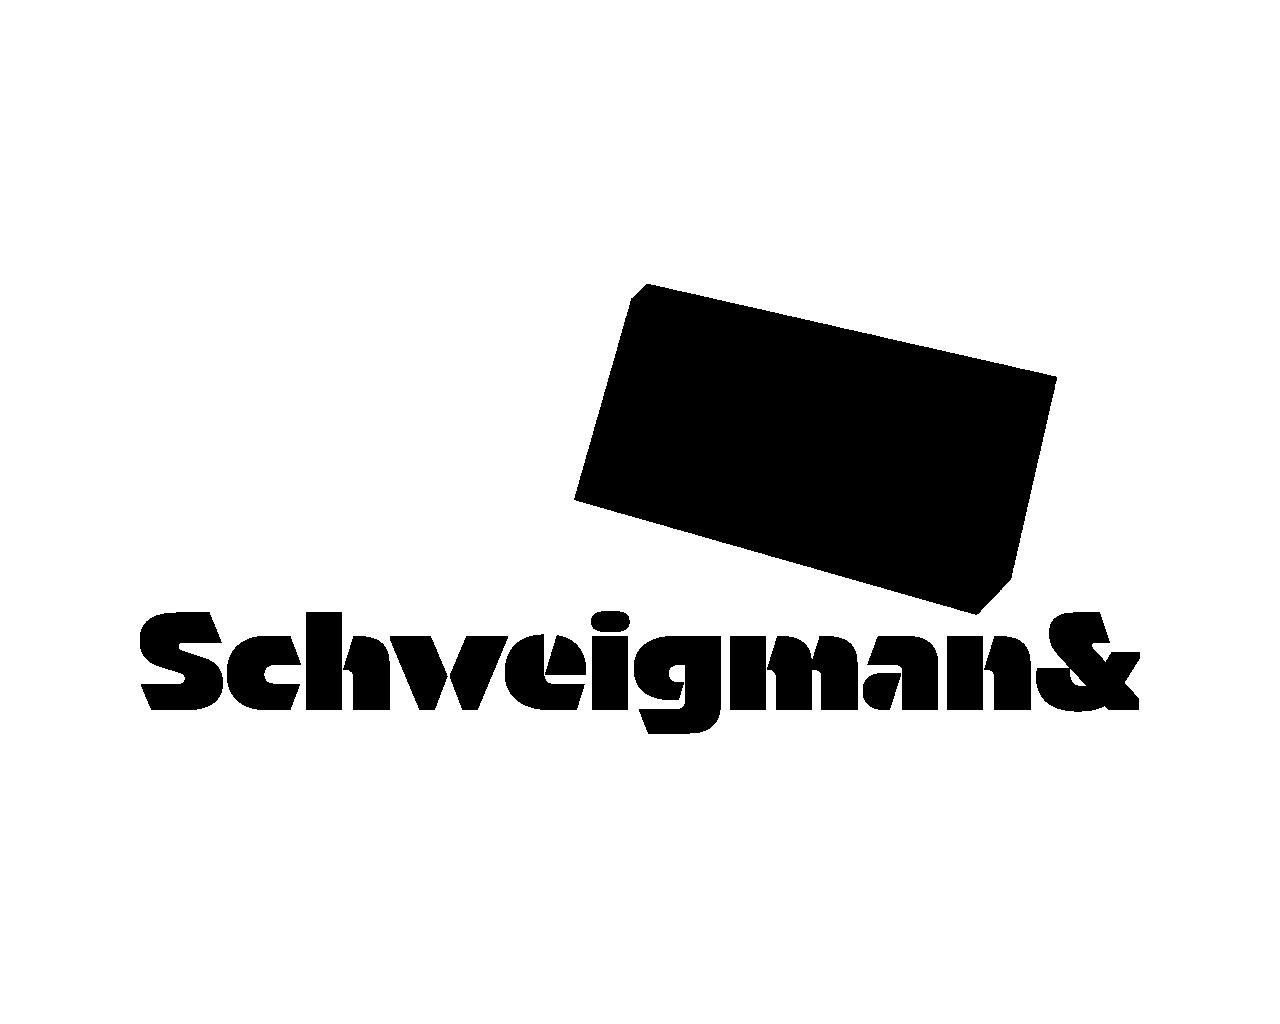 SCHWEIGMAN&_ID_RGB_2_ZWART